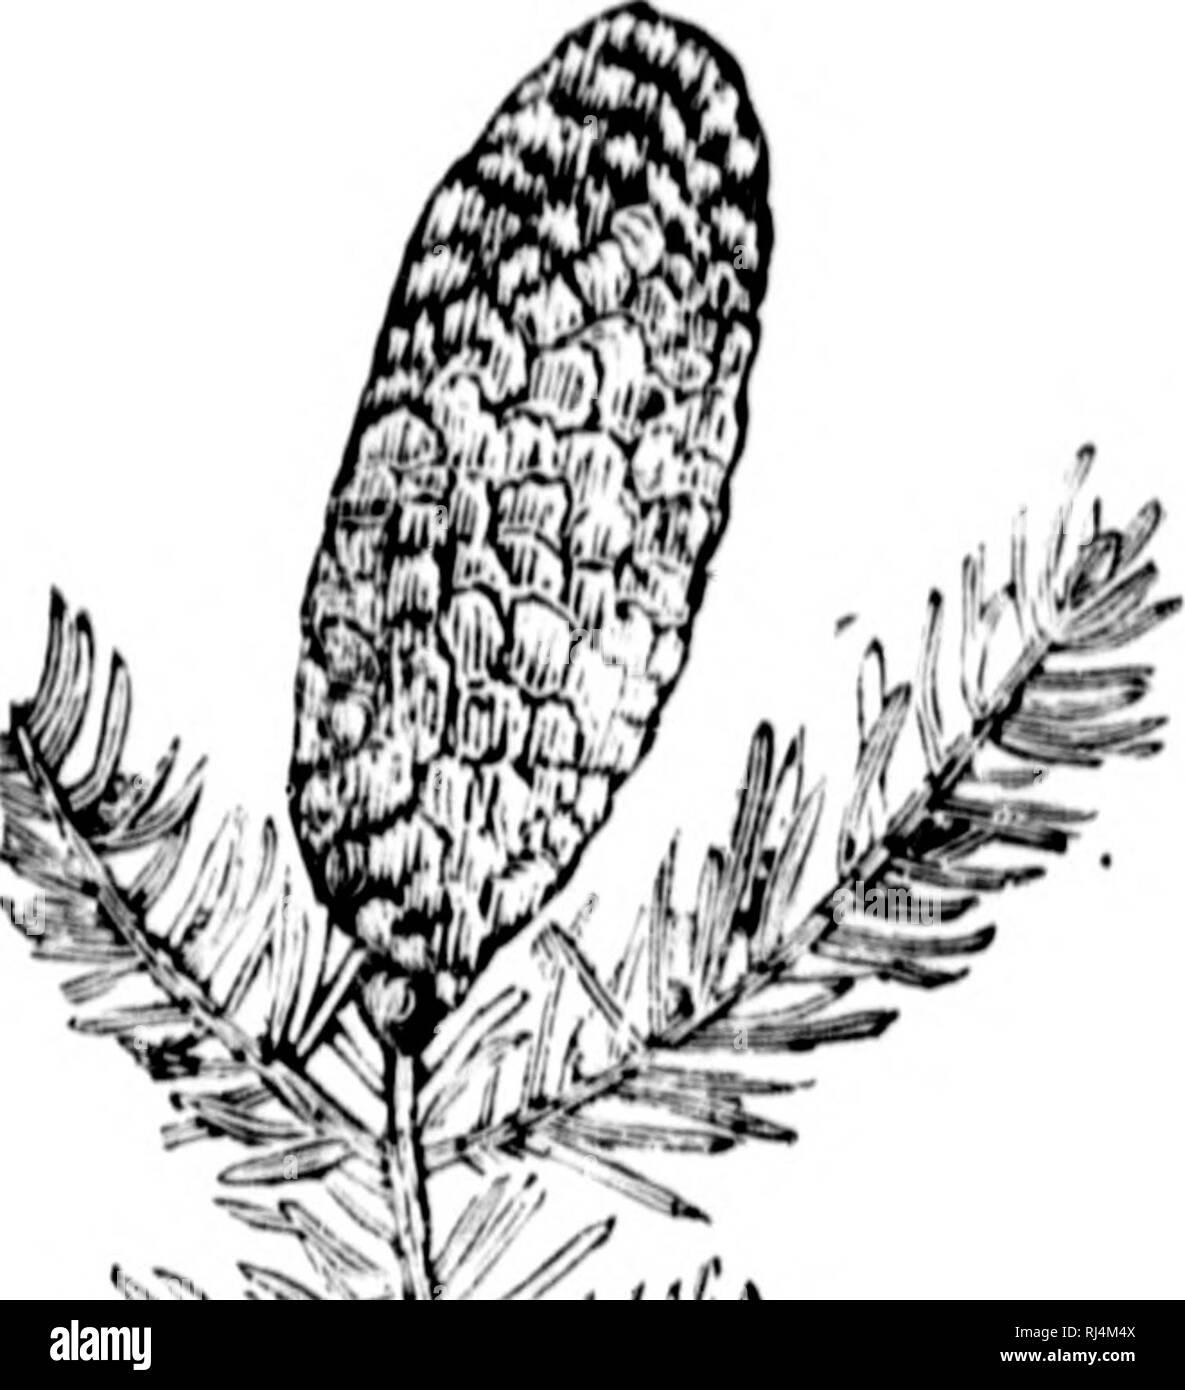 """. Guía illustré du sylviculteur canadien [microforme]. FÃ'rets -- Canadá; Forêts silviculturales et droit -- Canadá; los bosques y la silvicultura -- Canadá; Derecho y Legislación Forestal -- Canadá. 70 GUÍA'STnià IMX® nii teur hacer Â""""iiuinaiitt' (juinznvds sur""""* pouces dÂ""""Â""""liiimctro. Il vient ])i*'n de ^riiiiu', mais (â¢ellc-ci, ((IU Â""""'st loil -hm^, doit être t'bouillantét^ avant lo semifinales. Le )>io du diicot est-roug eà tre. fort, à IxNin grano, ce qui o l'ait Teclu'rciiei pour vía©benislerie. C'est bon arhre ONU à con-server et { ex- ploiter là où il se trouve, mais peu propre à la !Â"""", i). Foto de stock"""